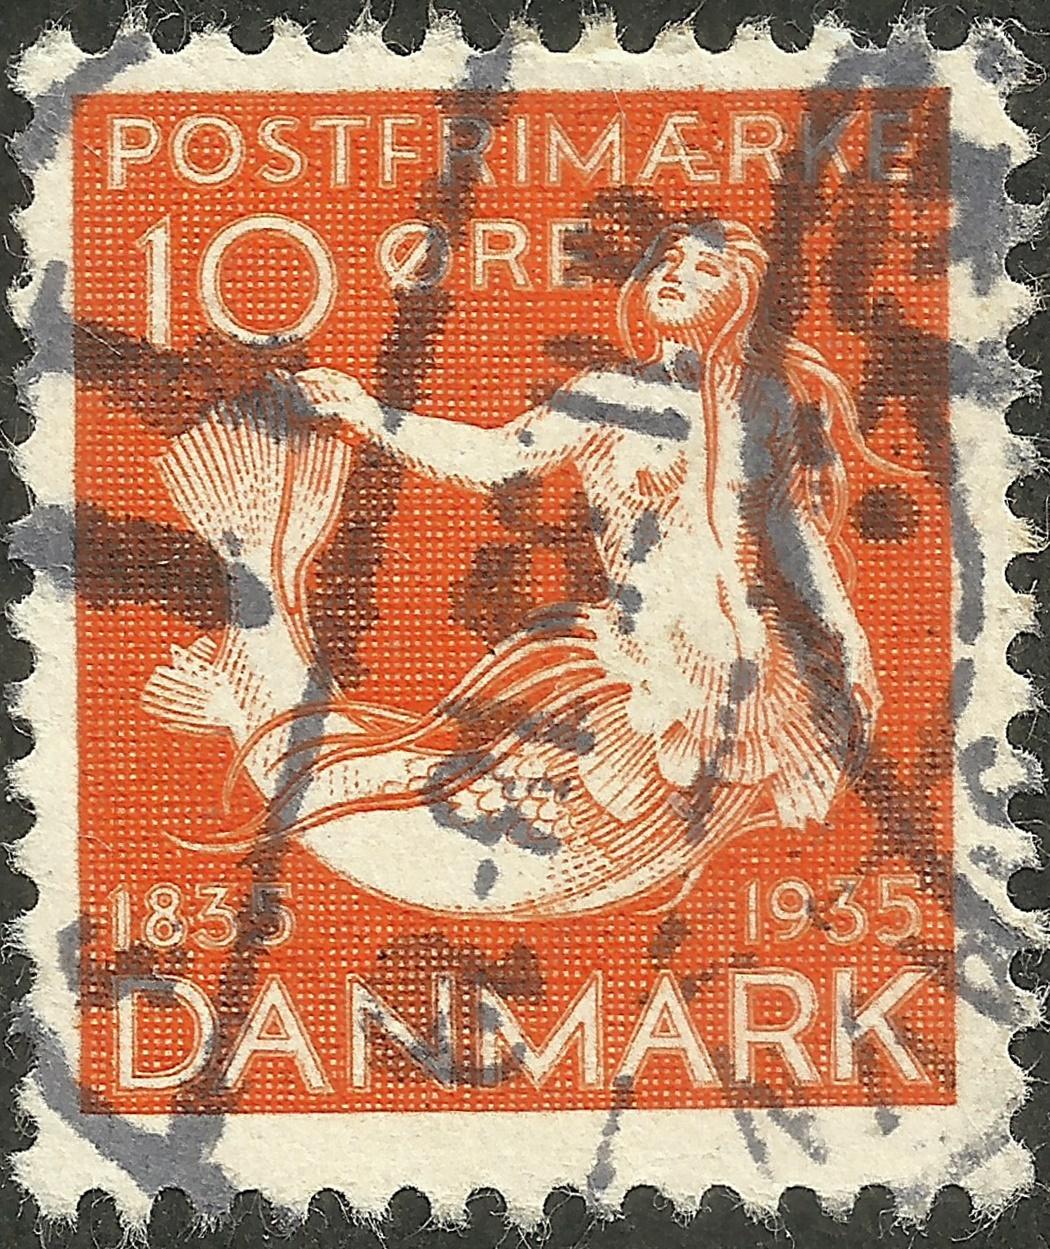 Denmark - Scott #248 (1935)